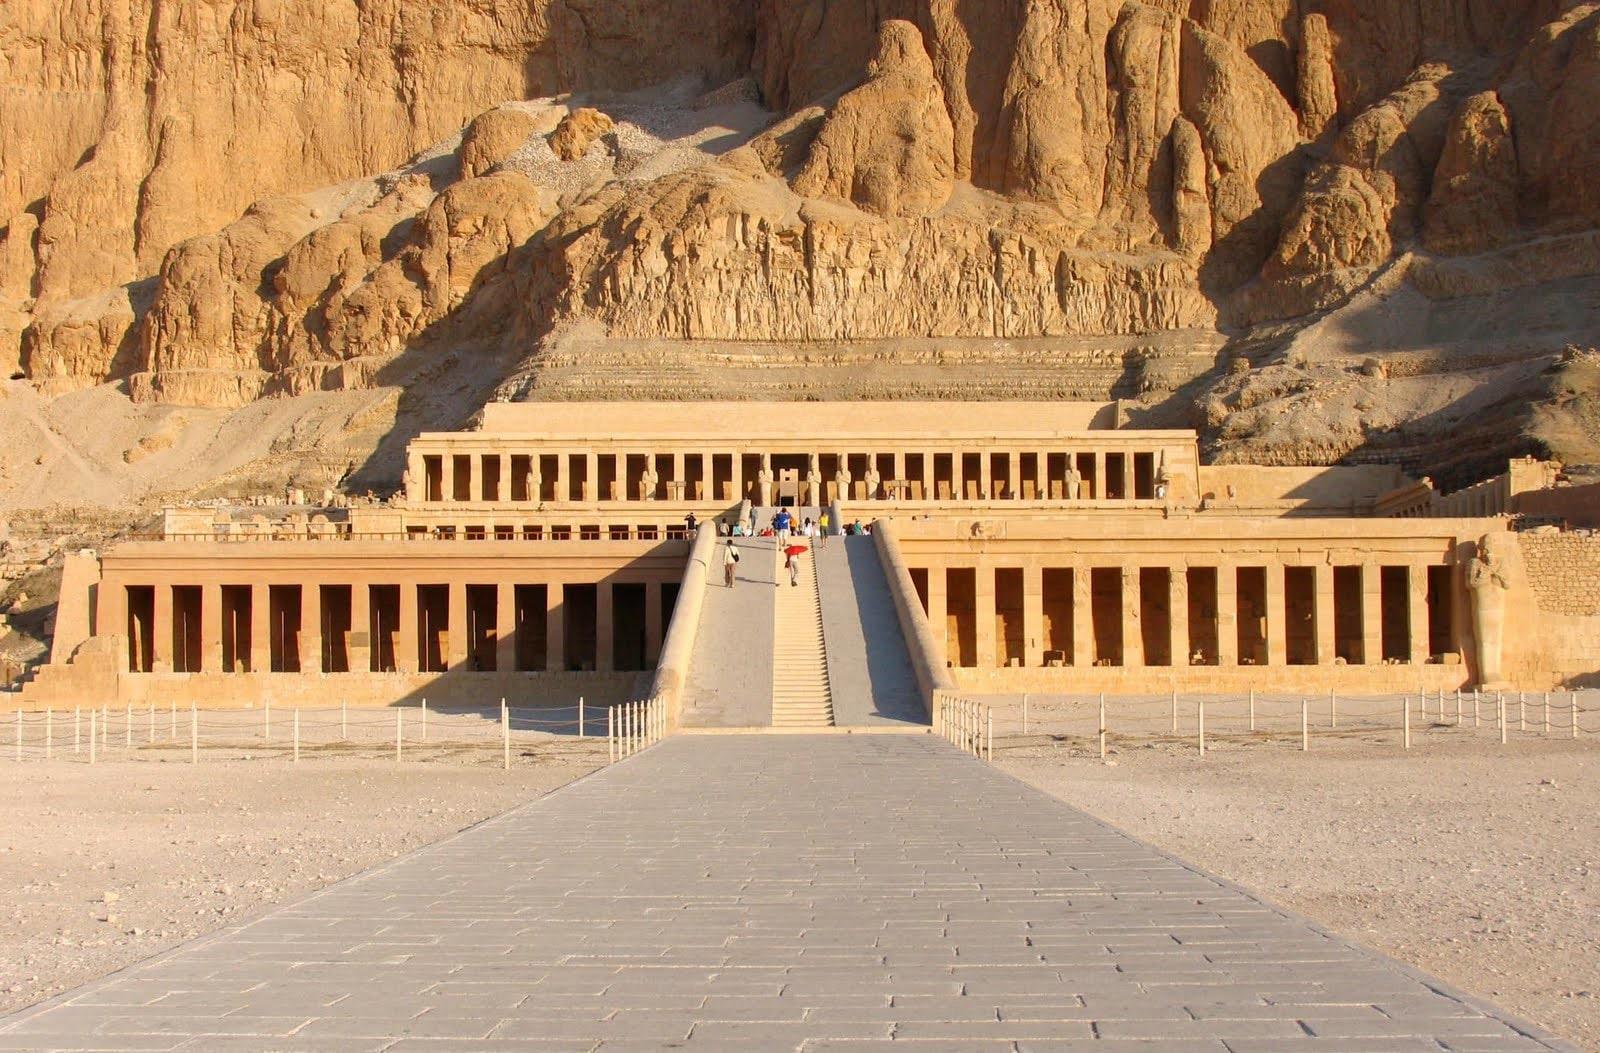 pirámides y palacios de la arquitectura egipcia antigua